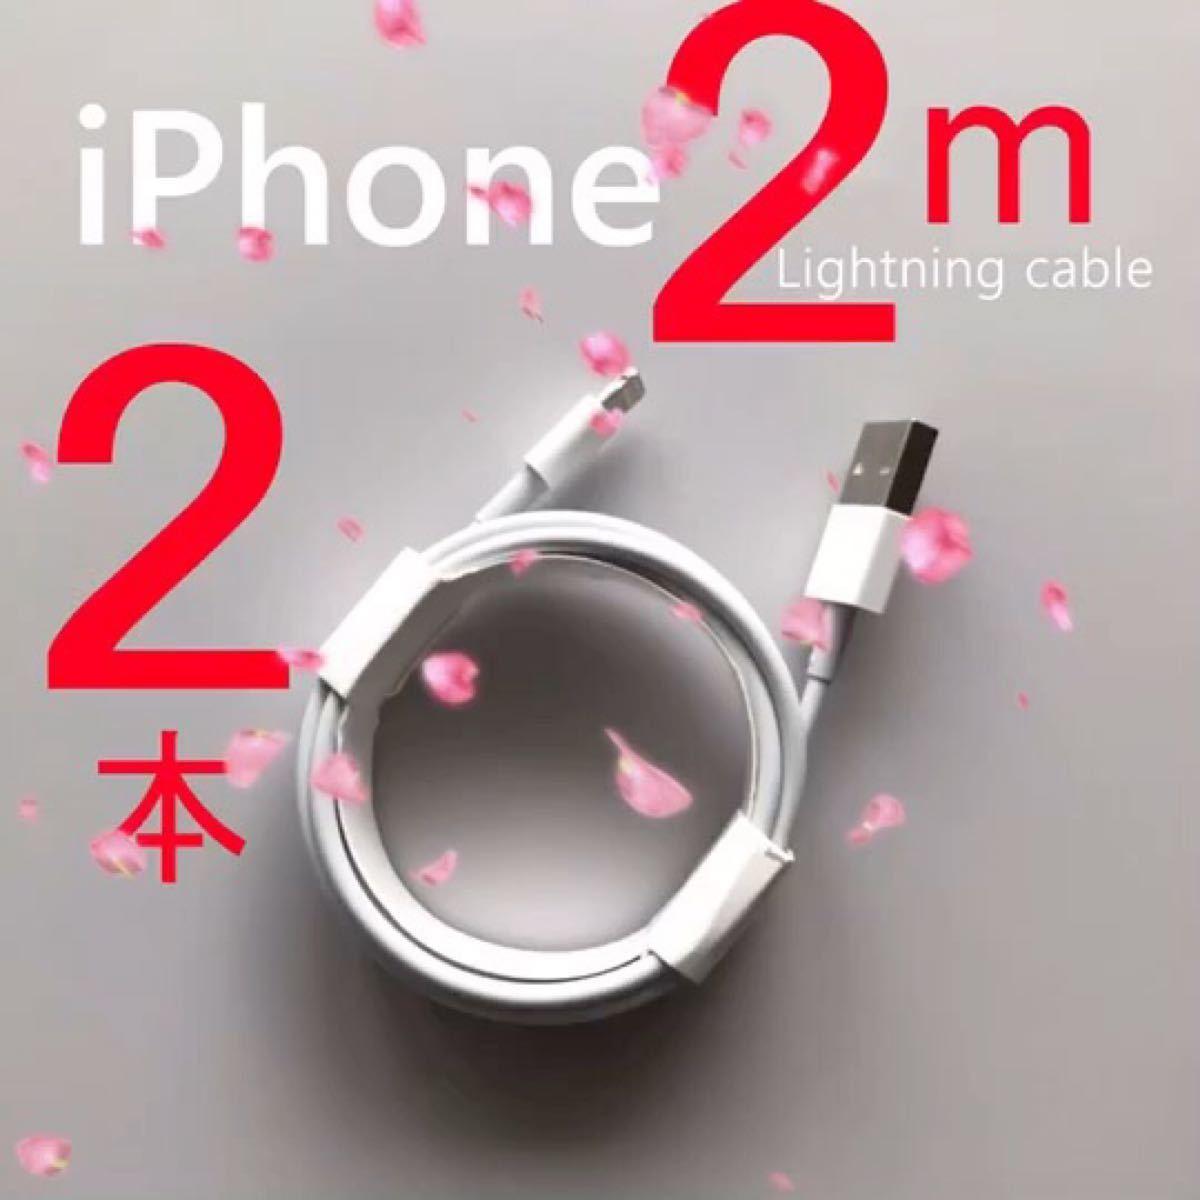 充電ケーブル ライトニング ケーブル lightning iPhone ケーブル 2m 3本